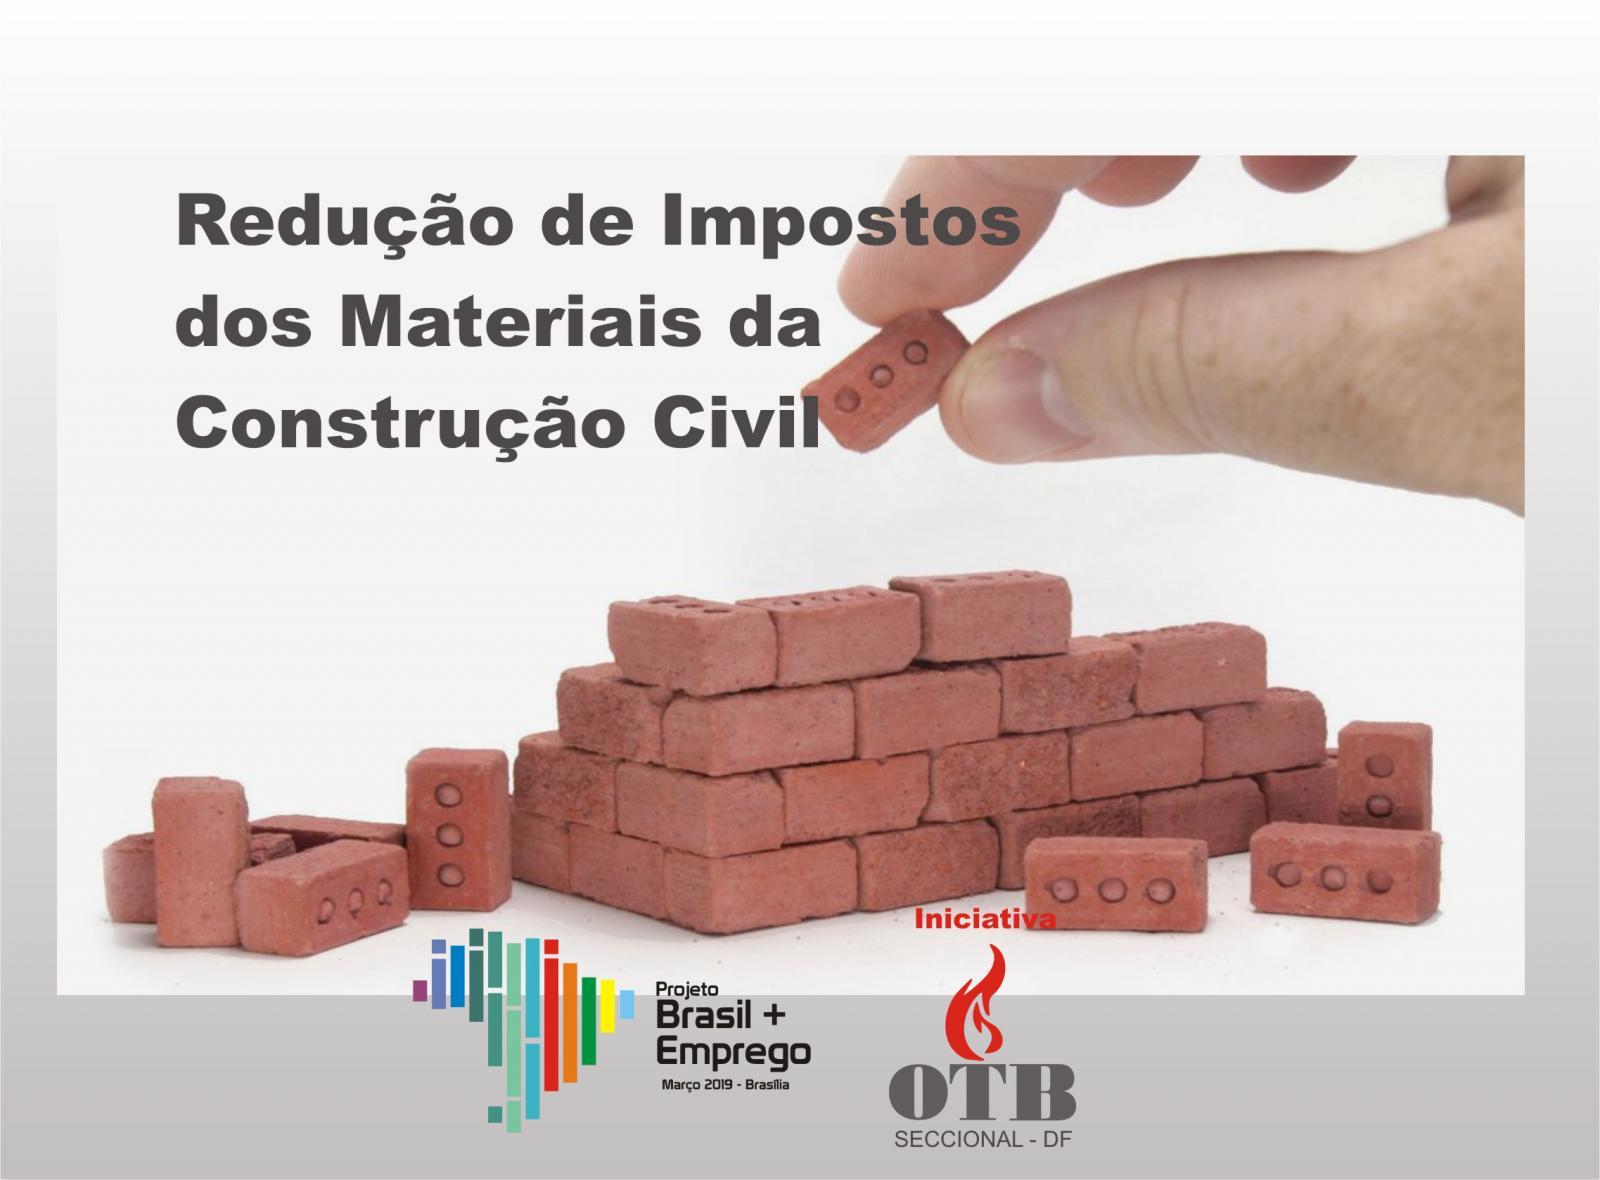 Marcos Pereira, presidente da OTB DF propõe redução de impostos